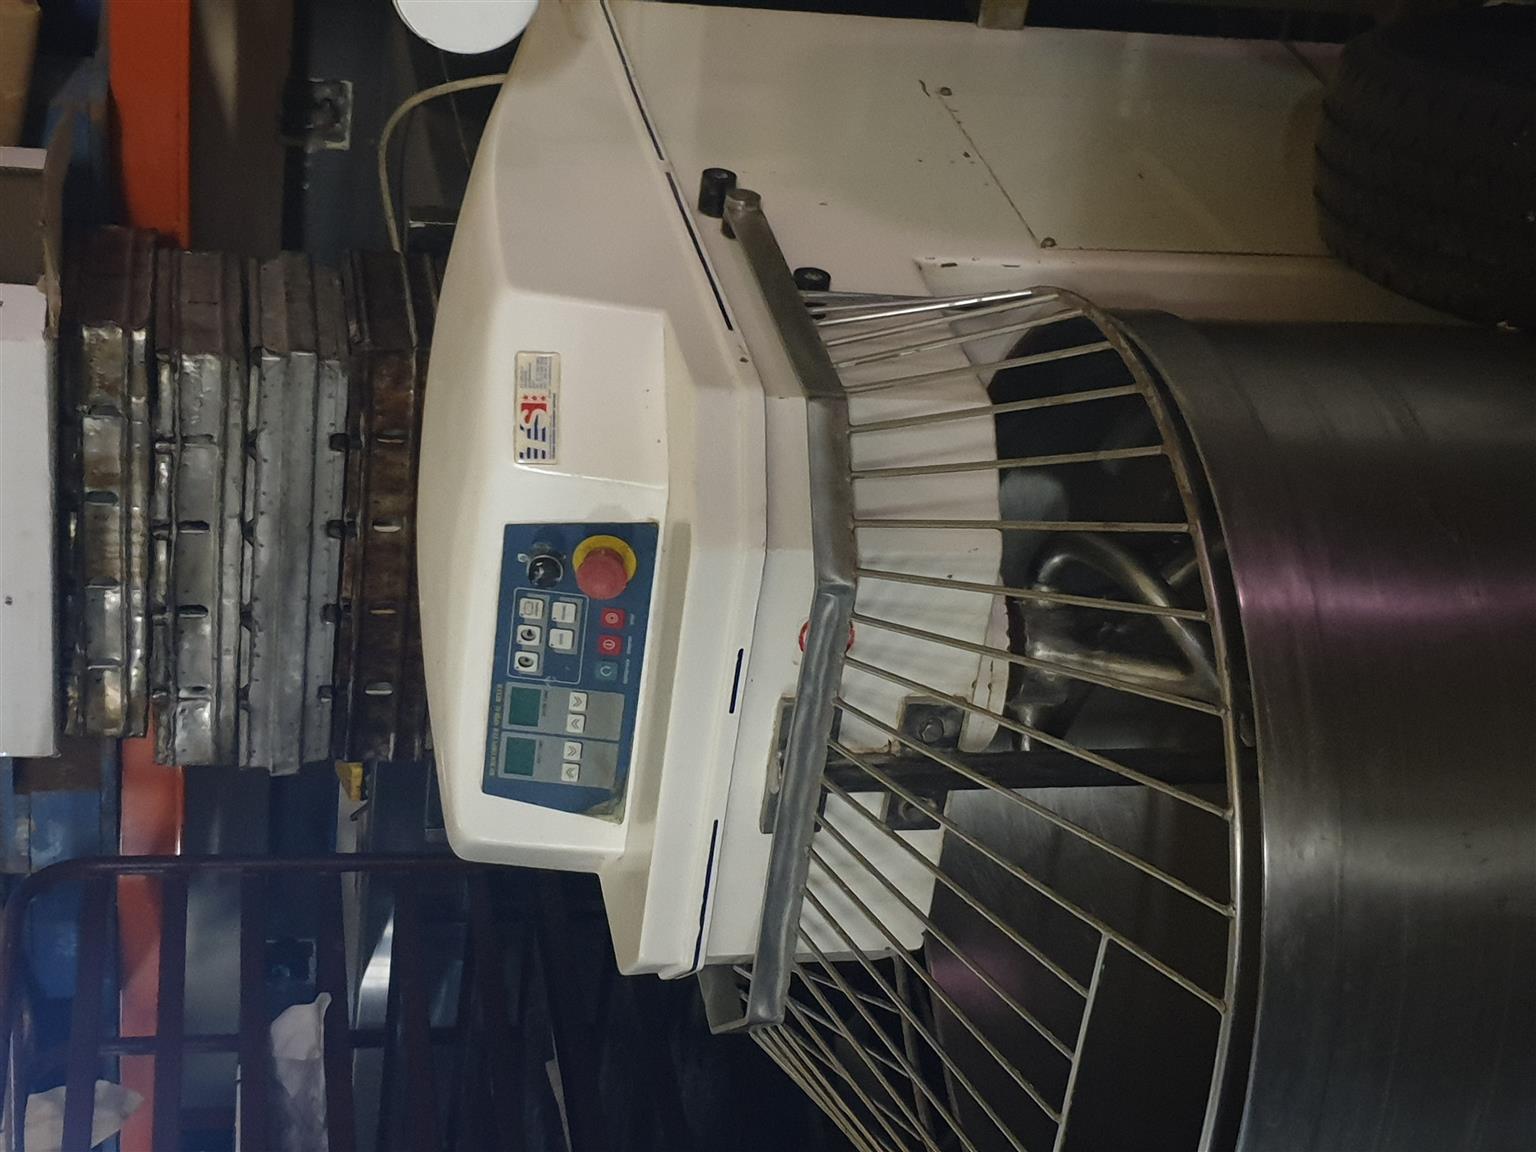 Breadbakery equipment